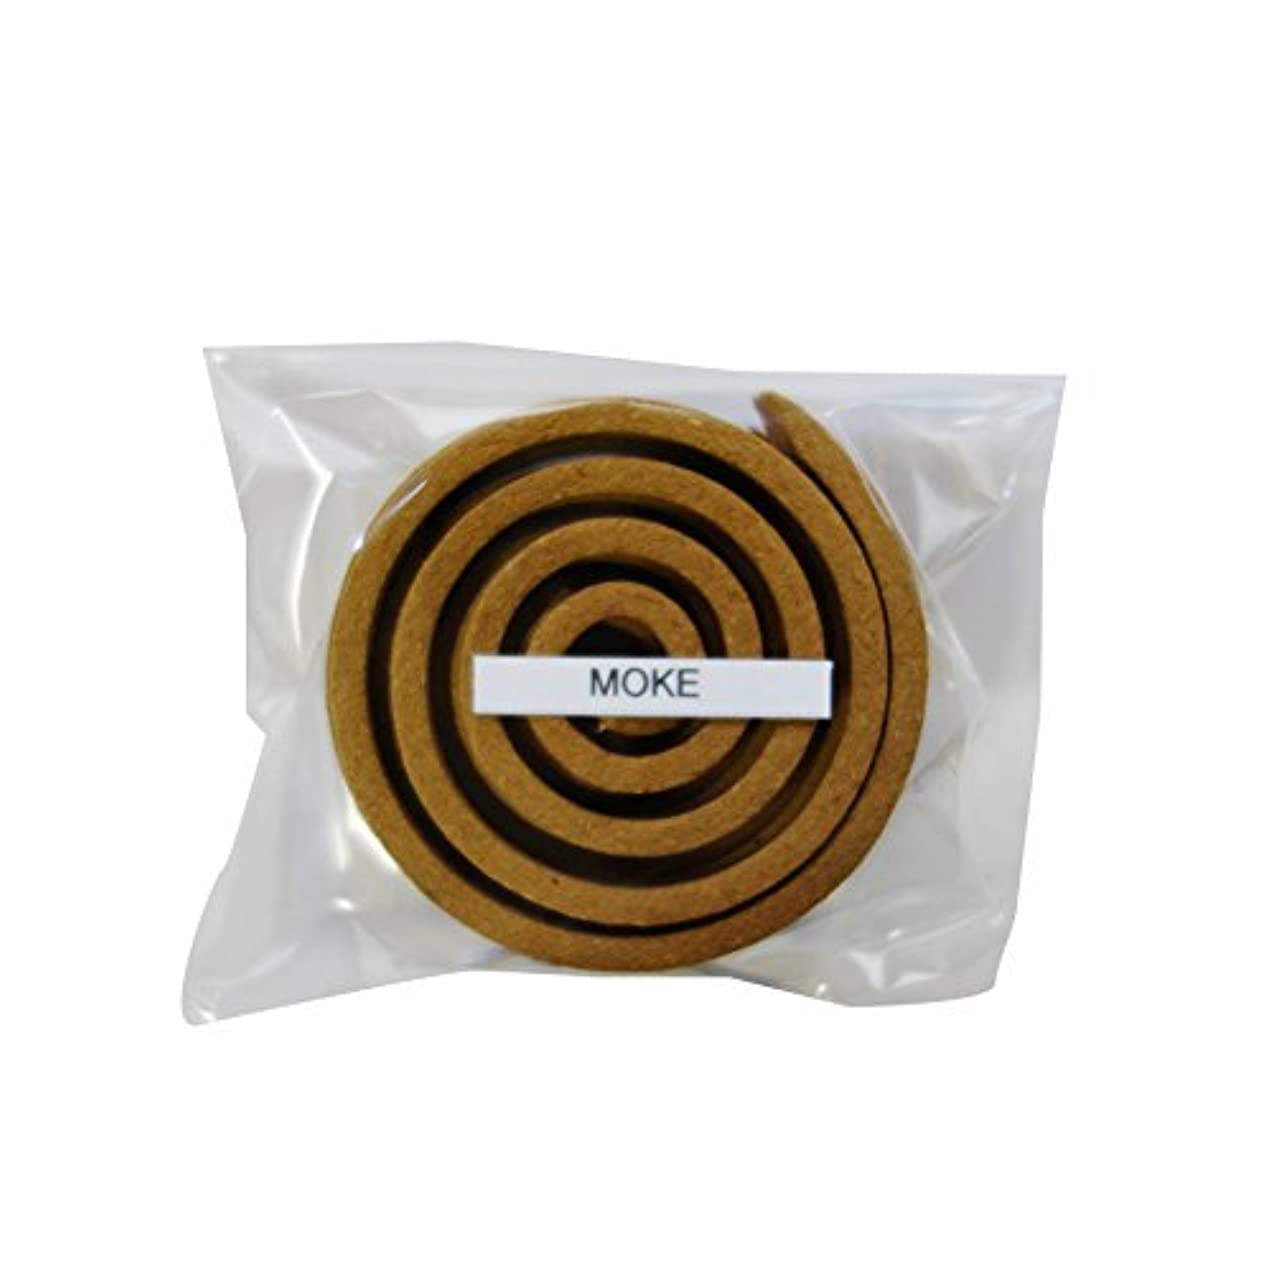 セールスマンガソリンブリッジお香/うずまき香 MOKE モーク 直径5cm×5巻セット [並行輸入品]